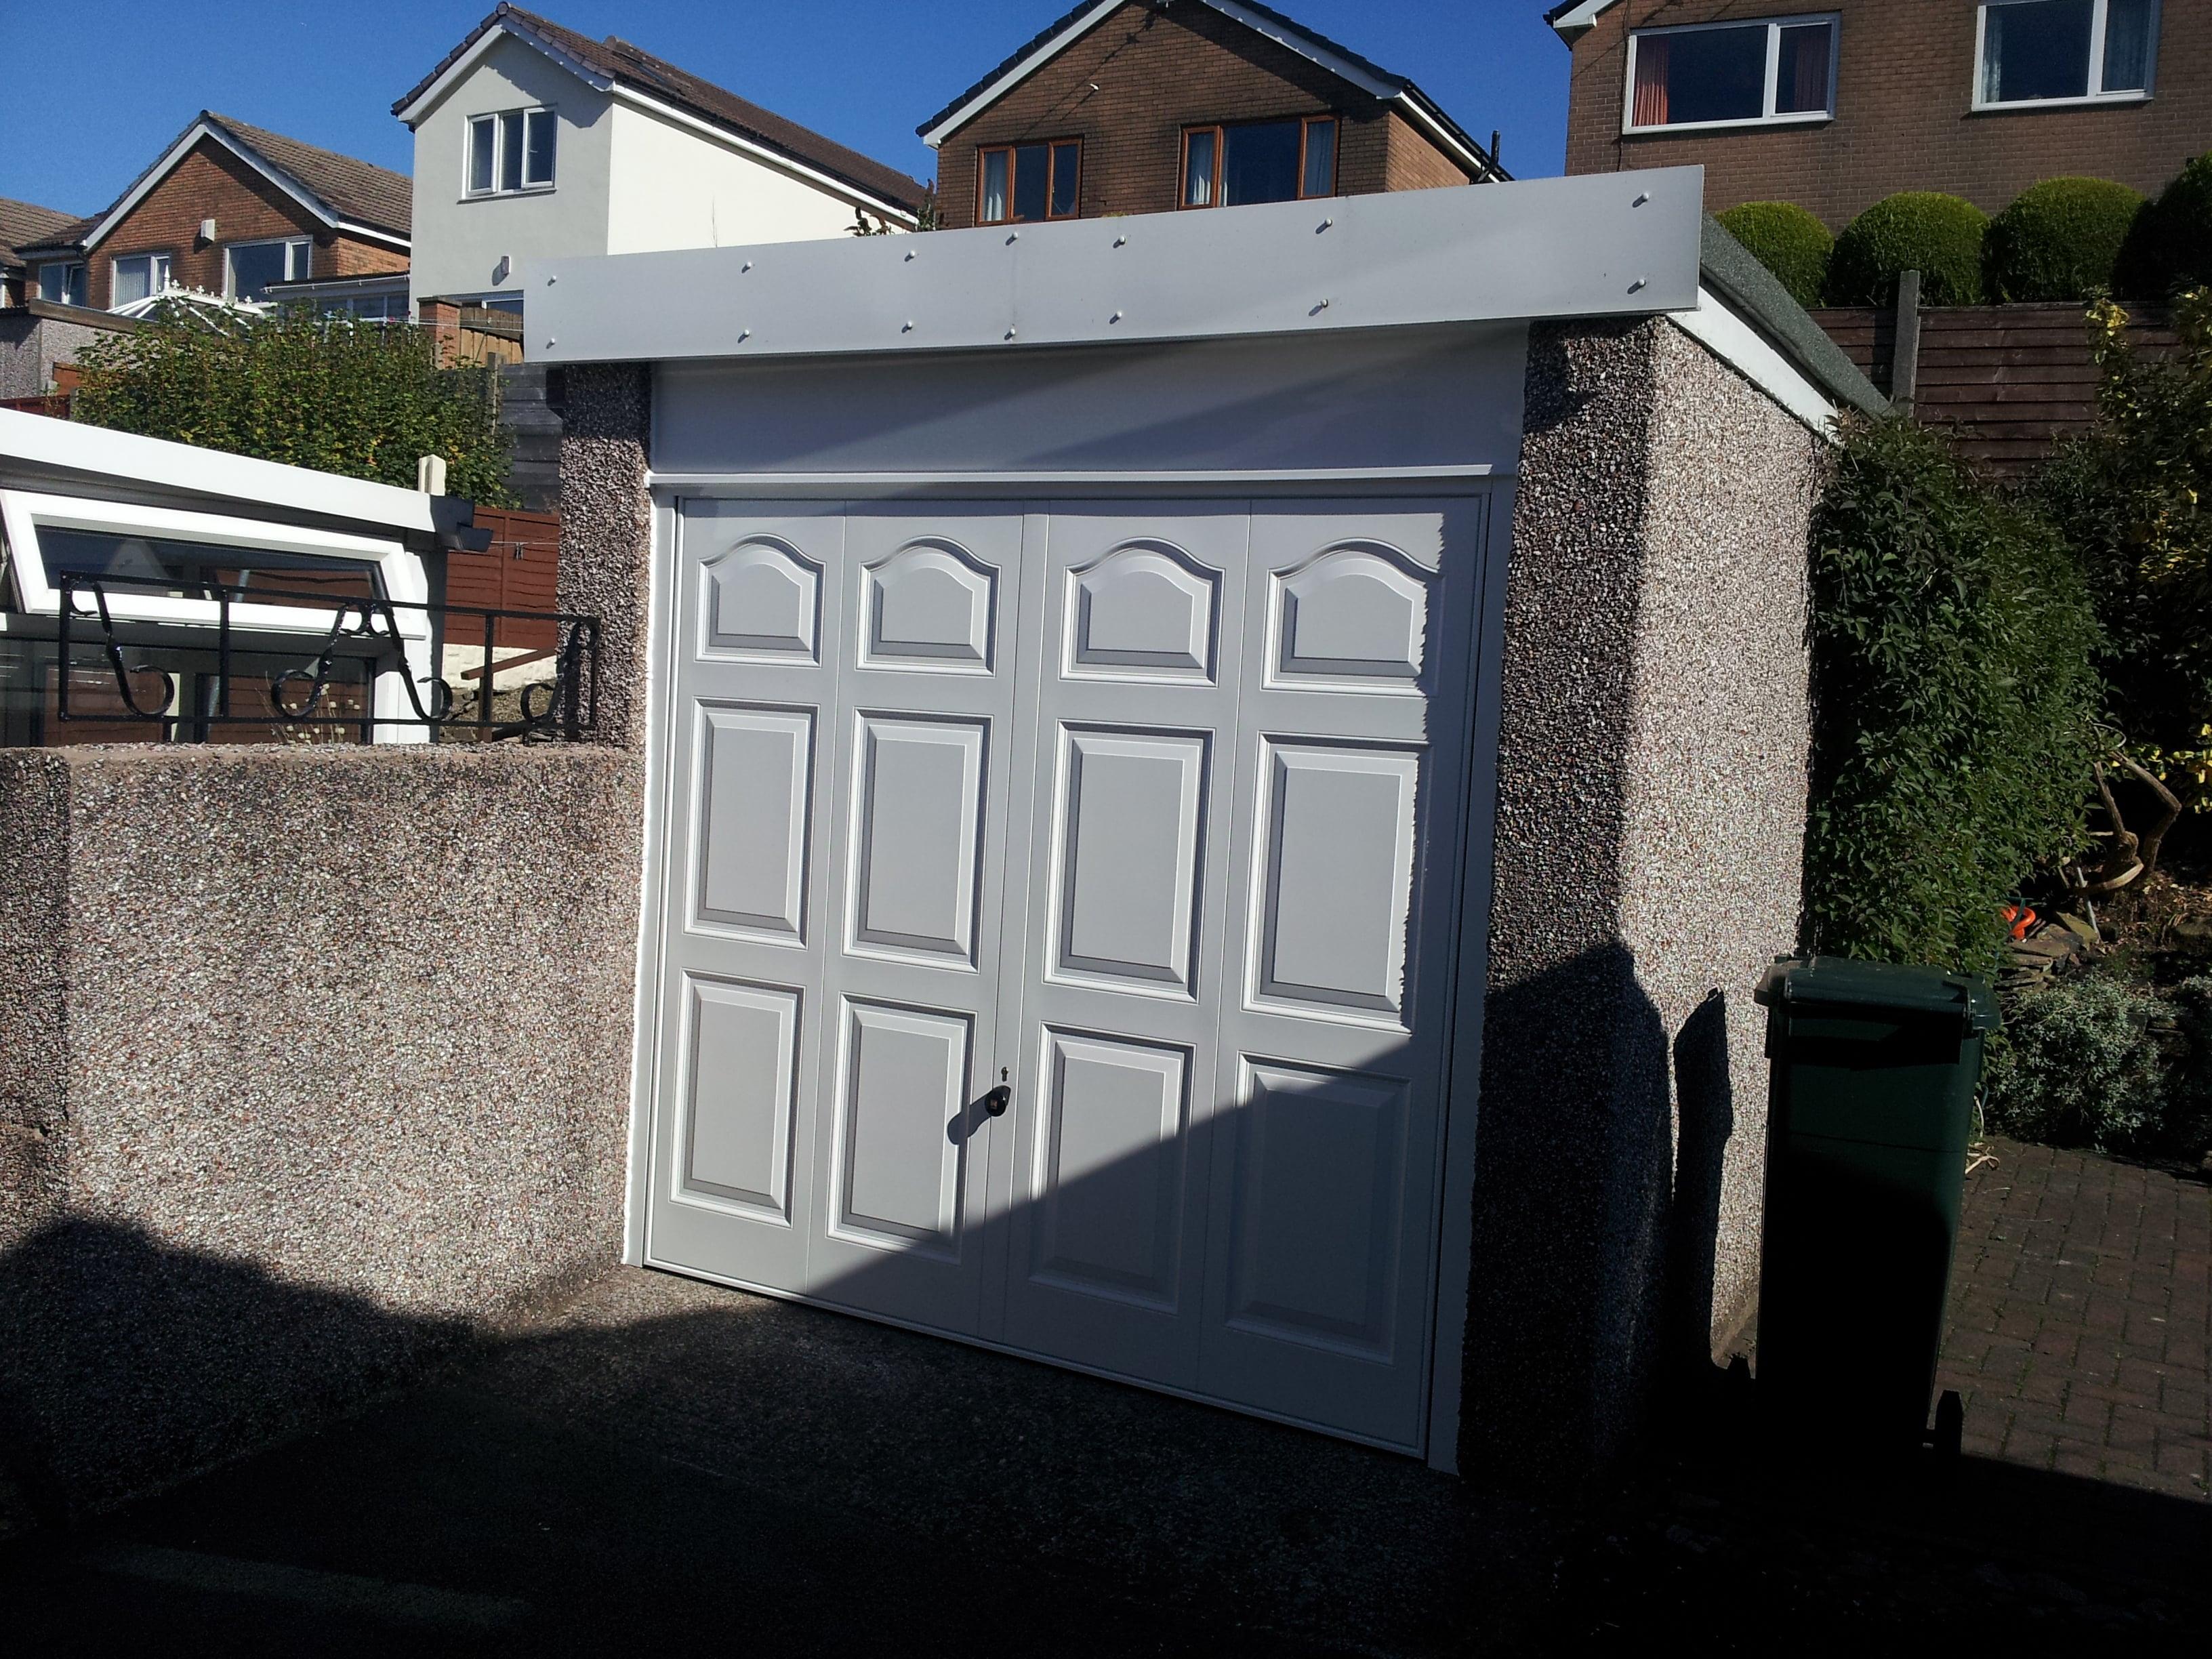 Garage Doors Sectional Roller Retractable Canopy